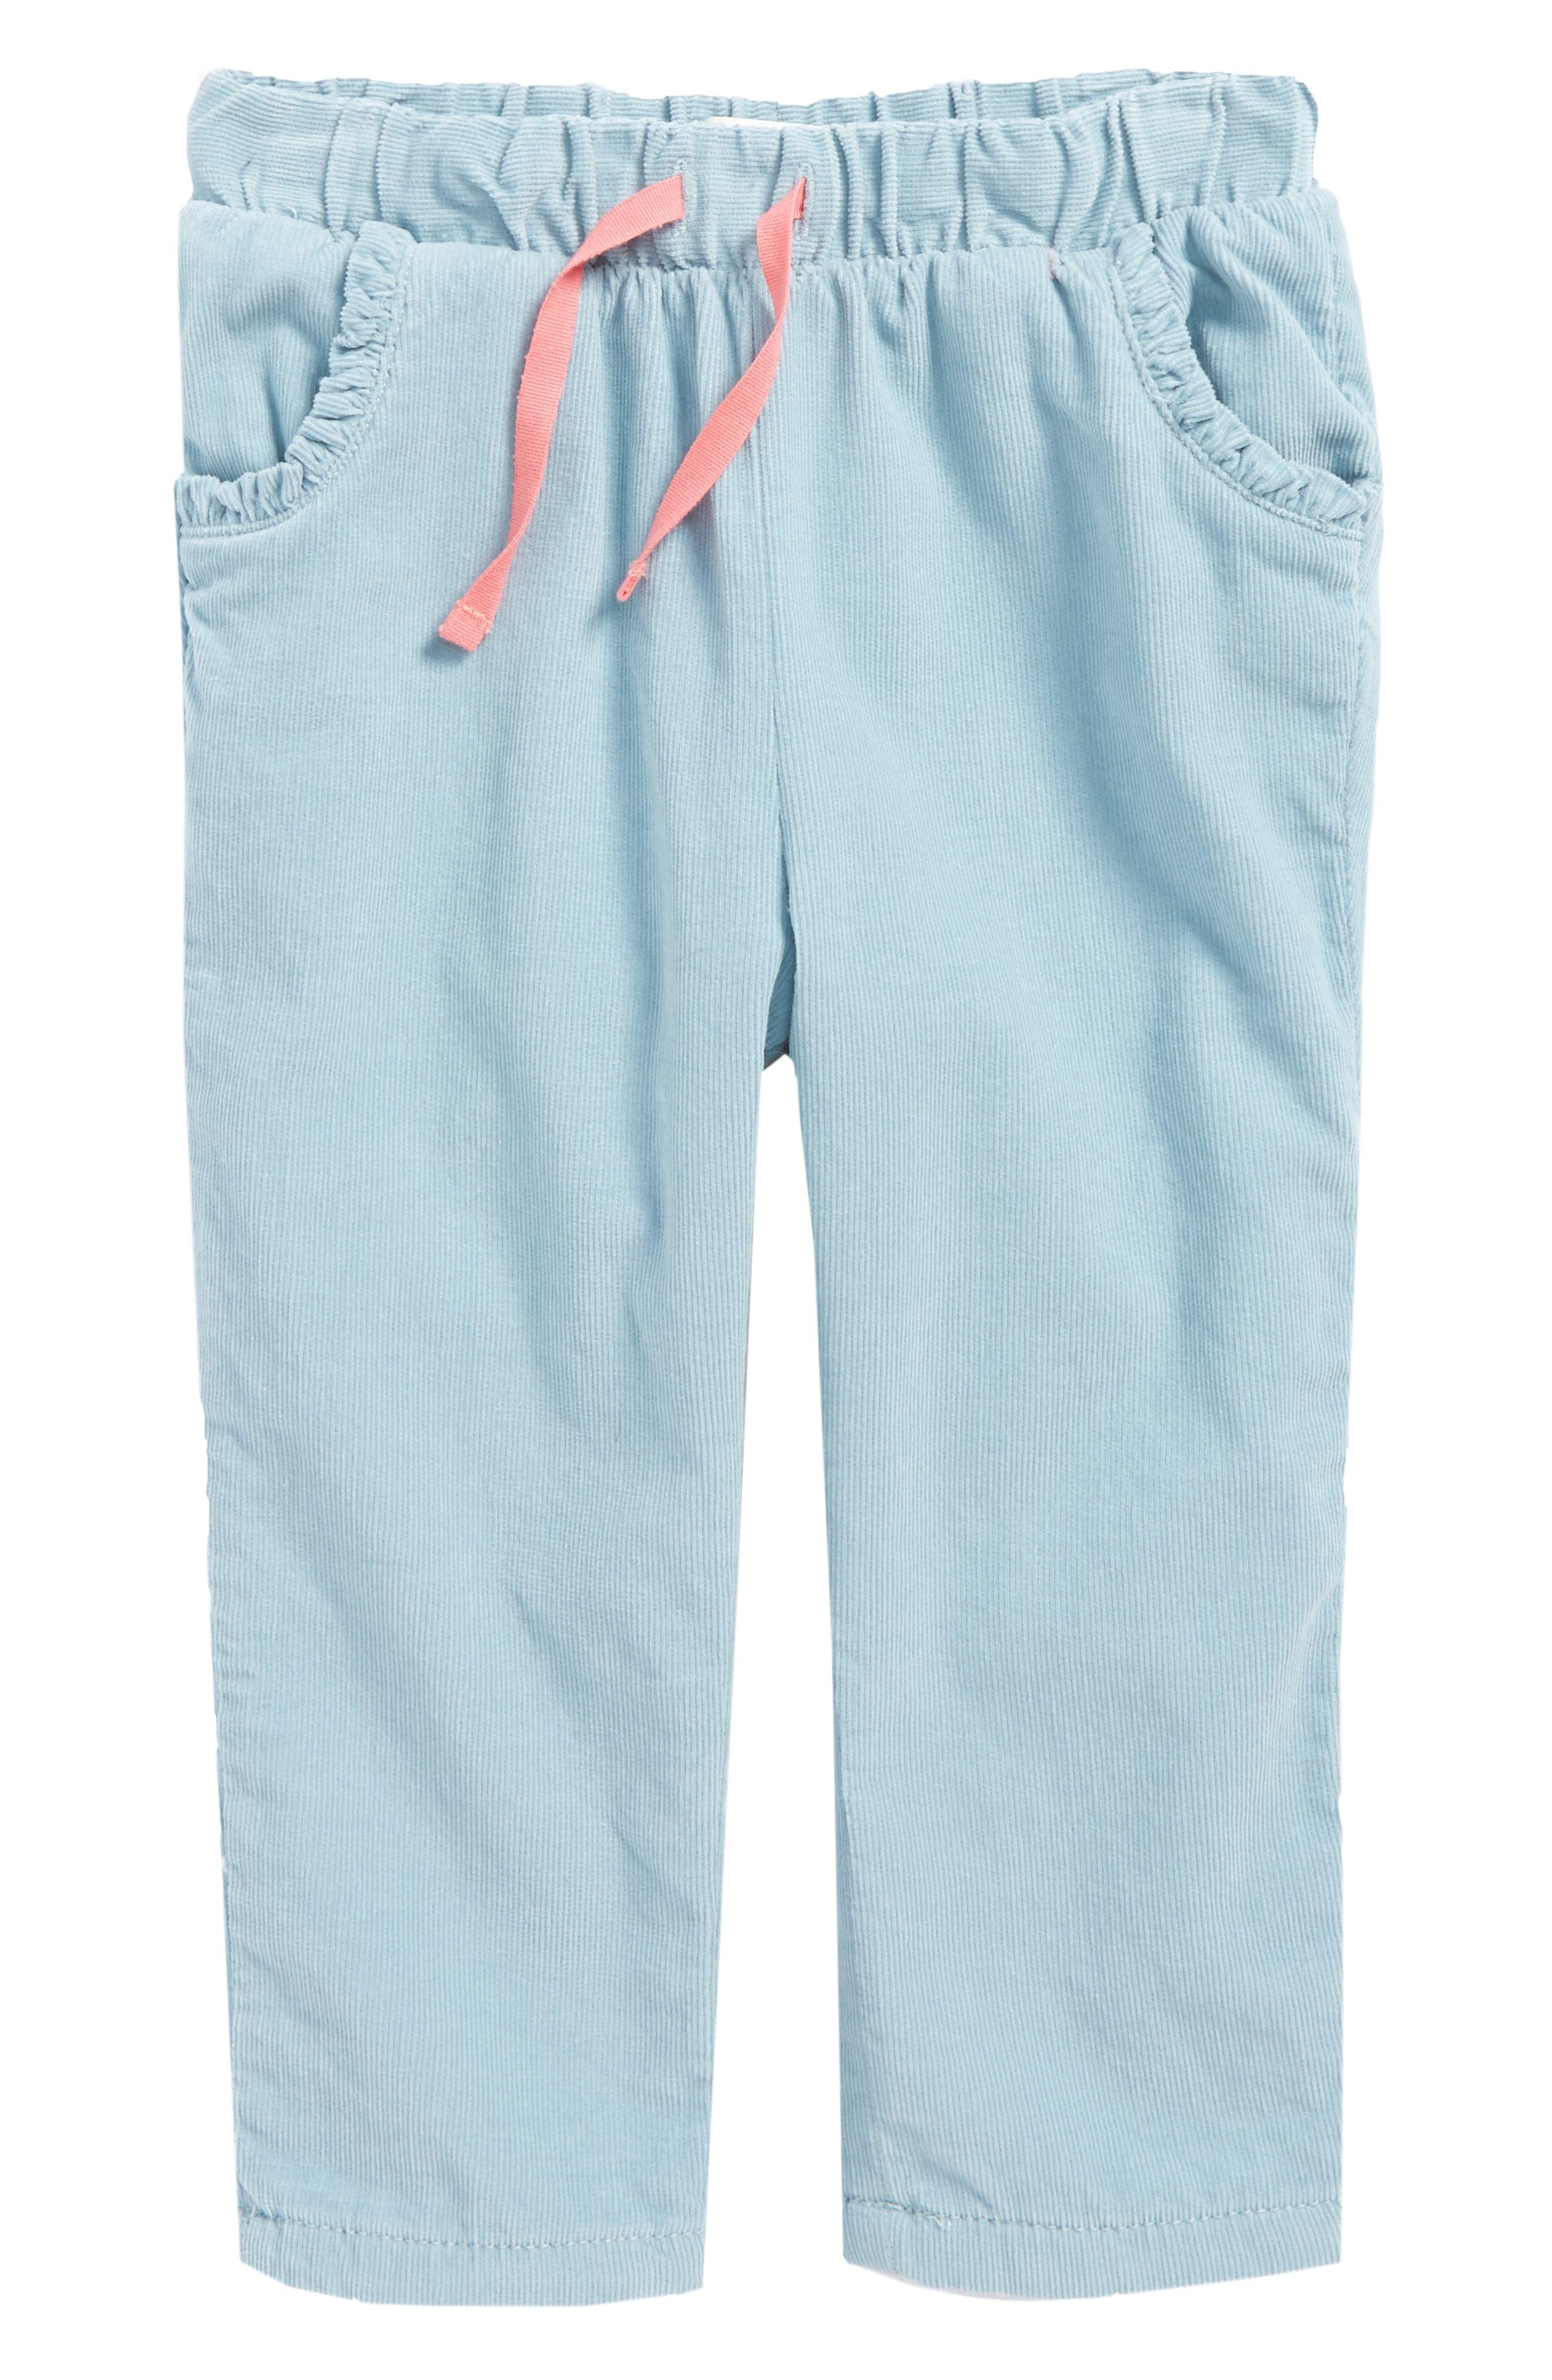 Heart Pocket Corduroy Pants,                         Main,                         color, 424